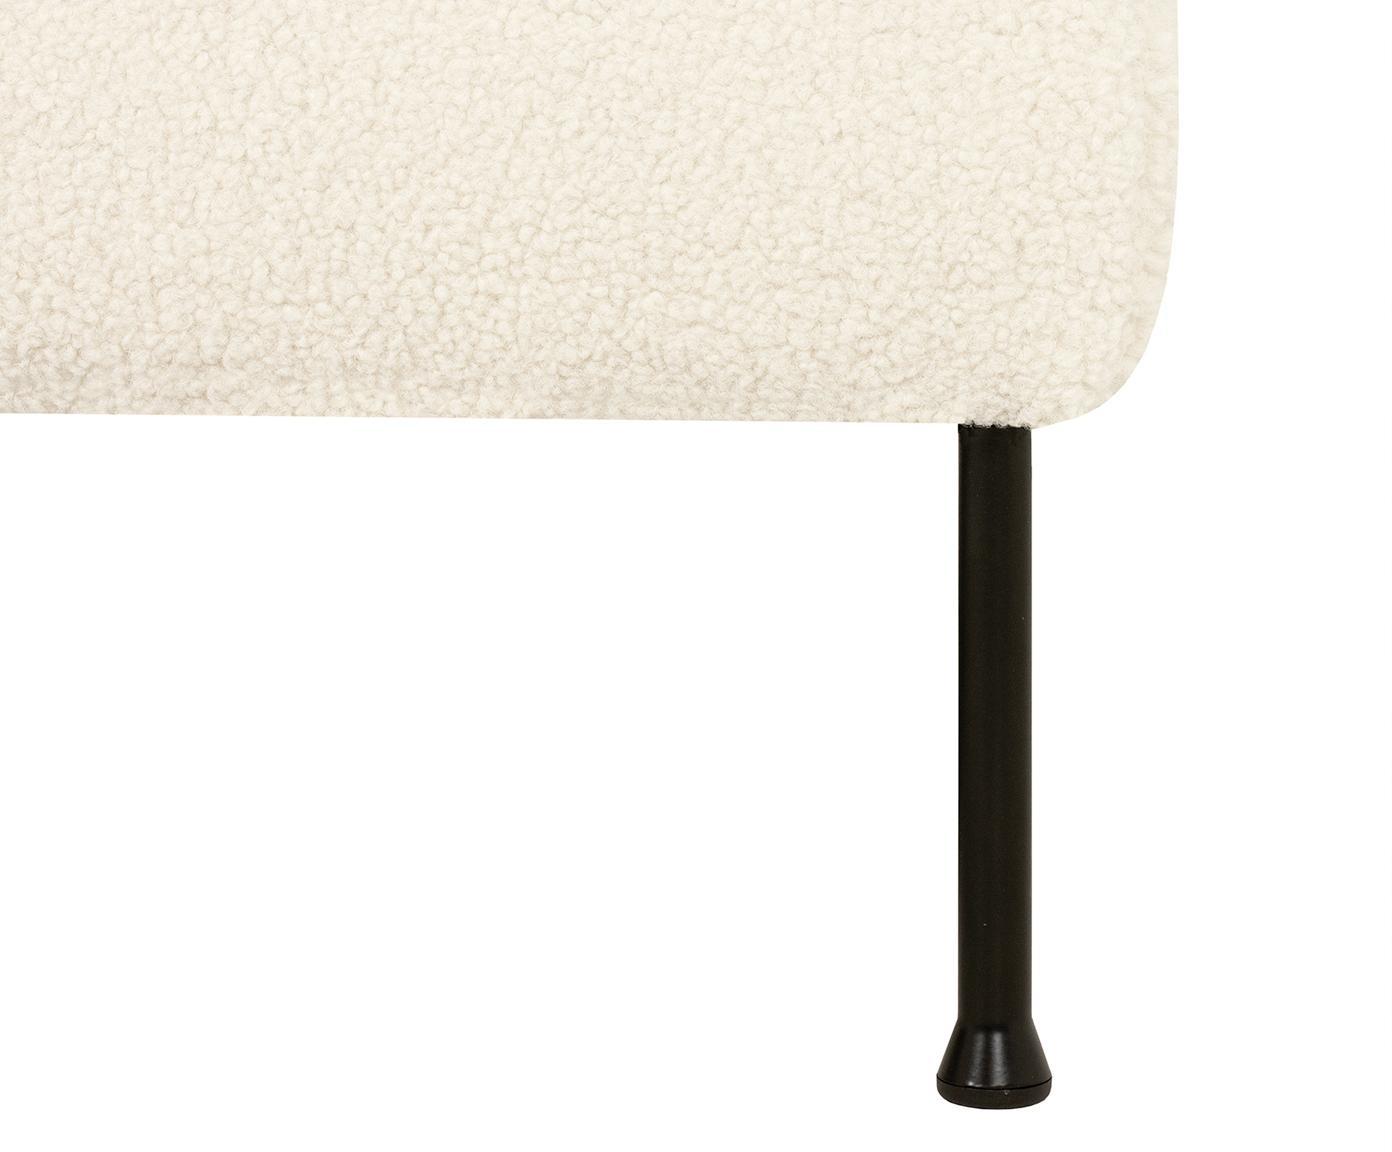 Sofa Teddy Fluente (3-osobowa), Tapicerka: poliester (futro Teddy) 4, Stelaż: lite drewno sosnowe, Nogi: metal lakierowany, Kremowobiały teddy, S 197 x G 83 cm